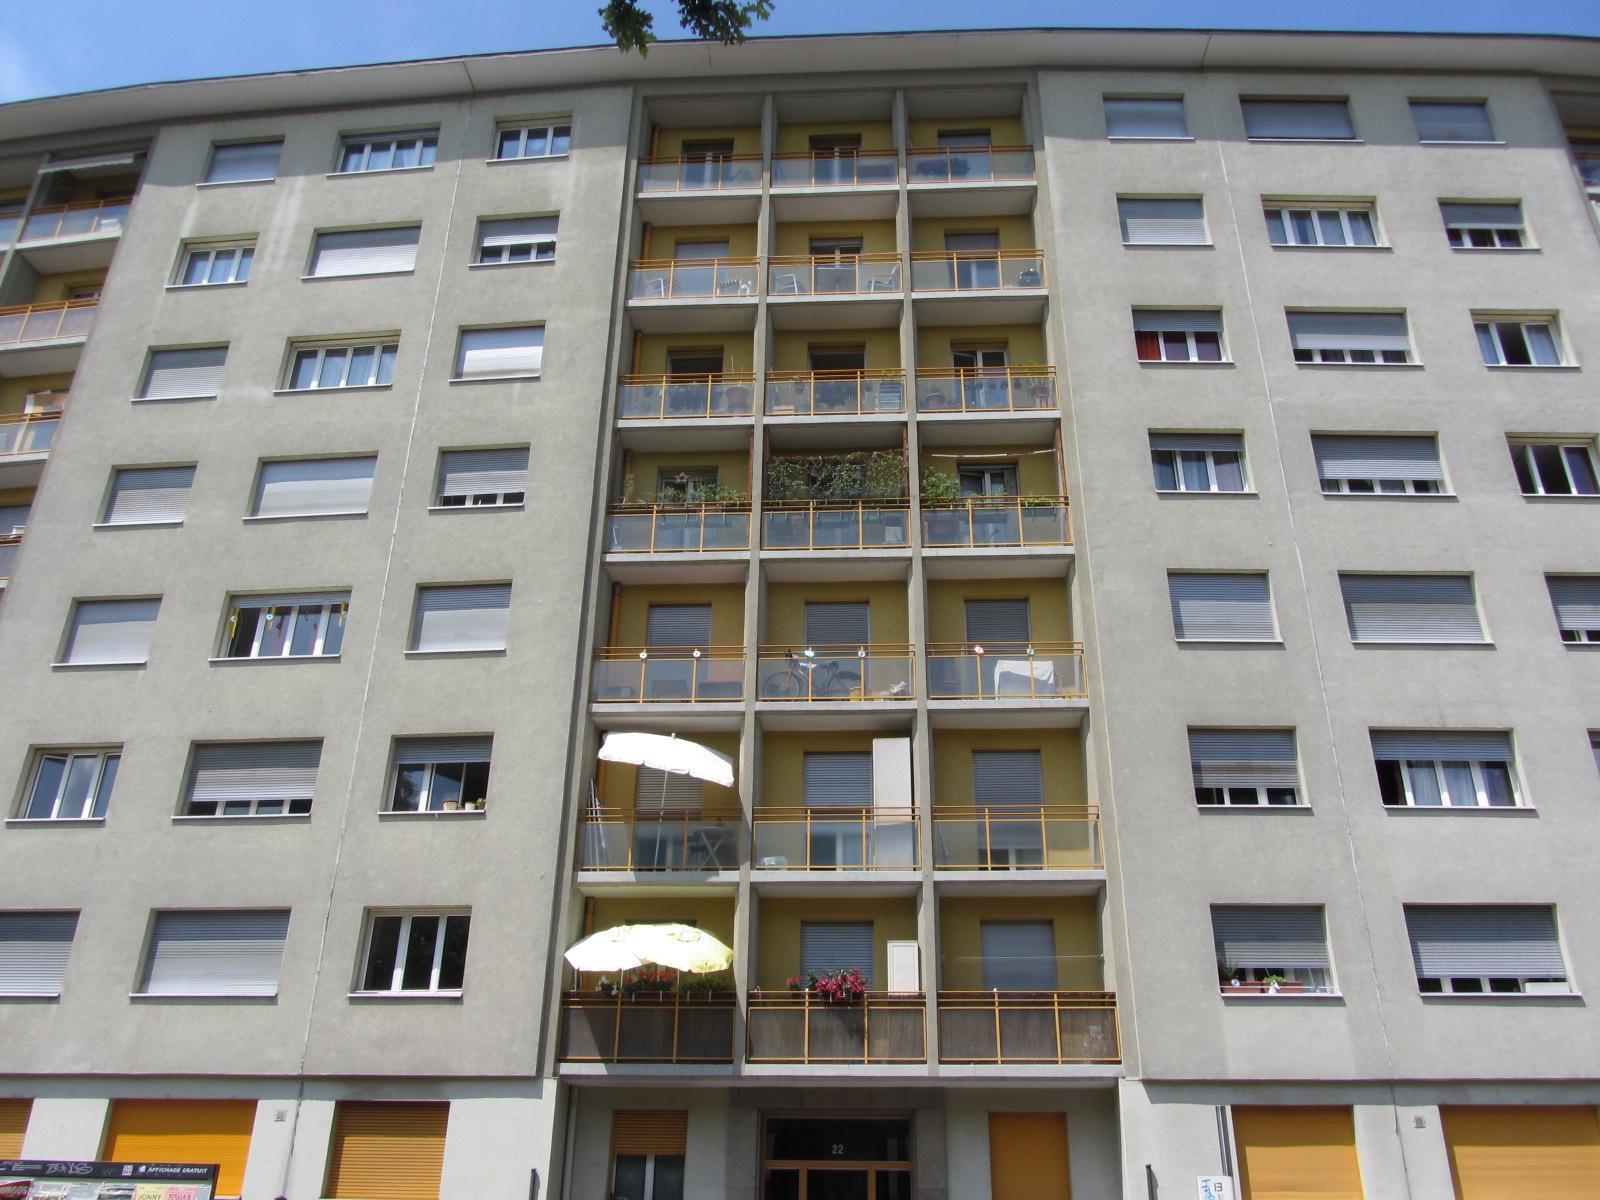 Village-Suisse 22